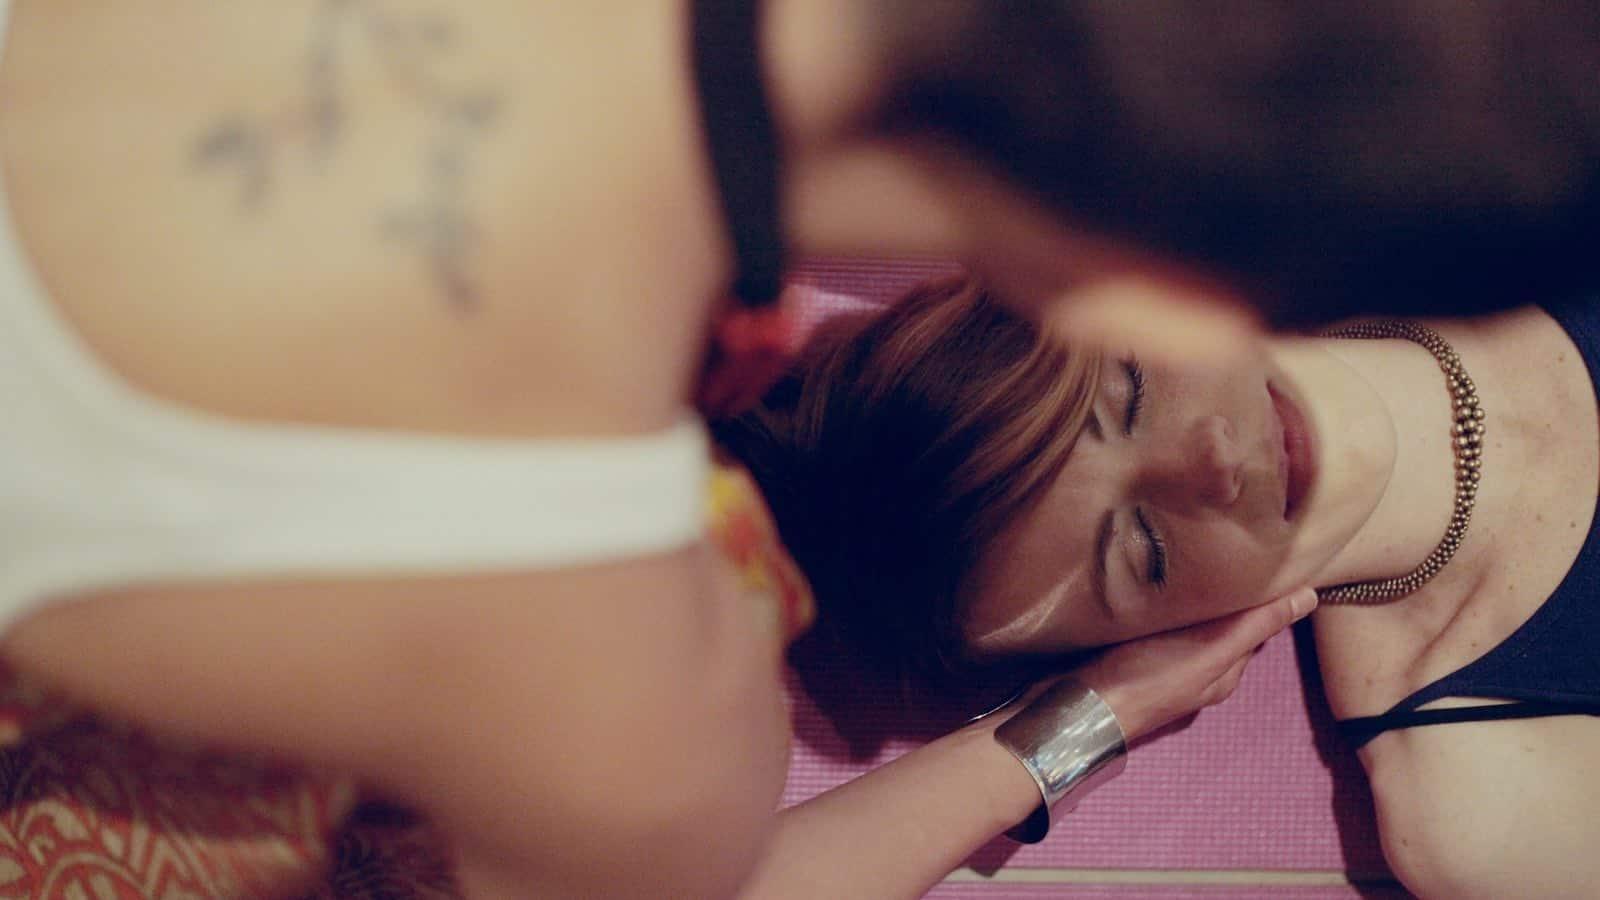 Hilft eine Kopfmassage für ein schnelleres Haarwachstum?